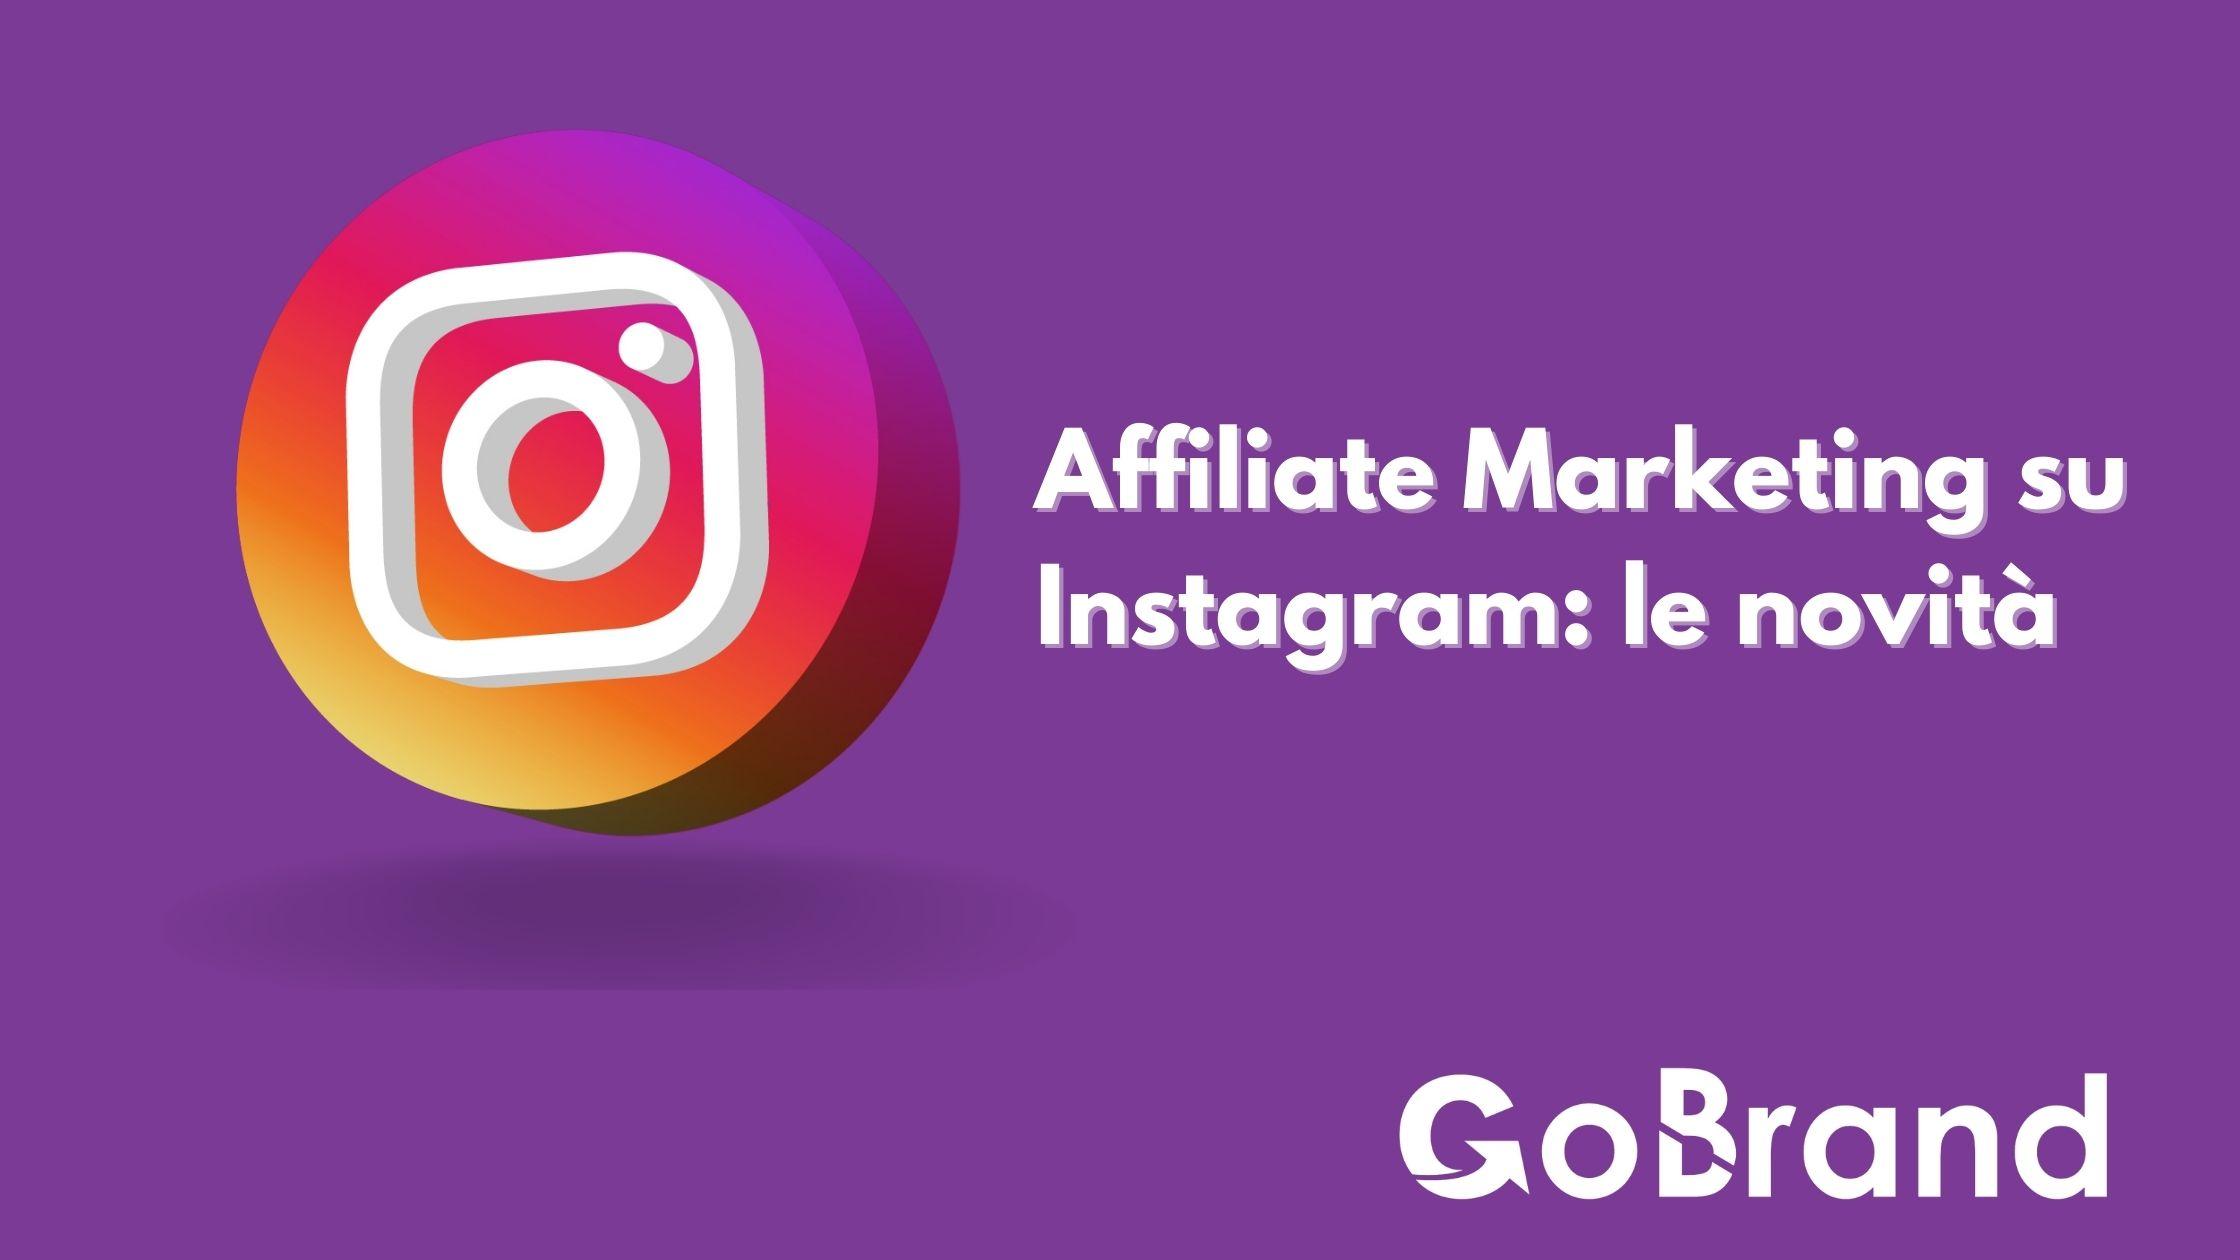 Affiliate marketing su Instagram